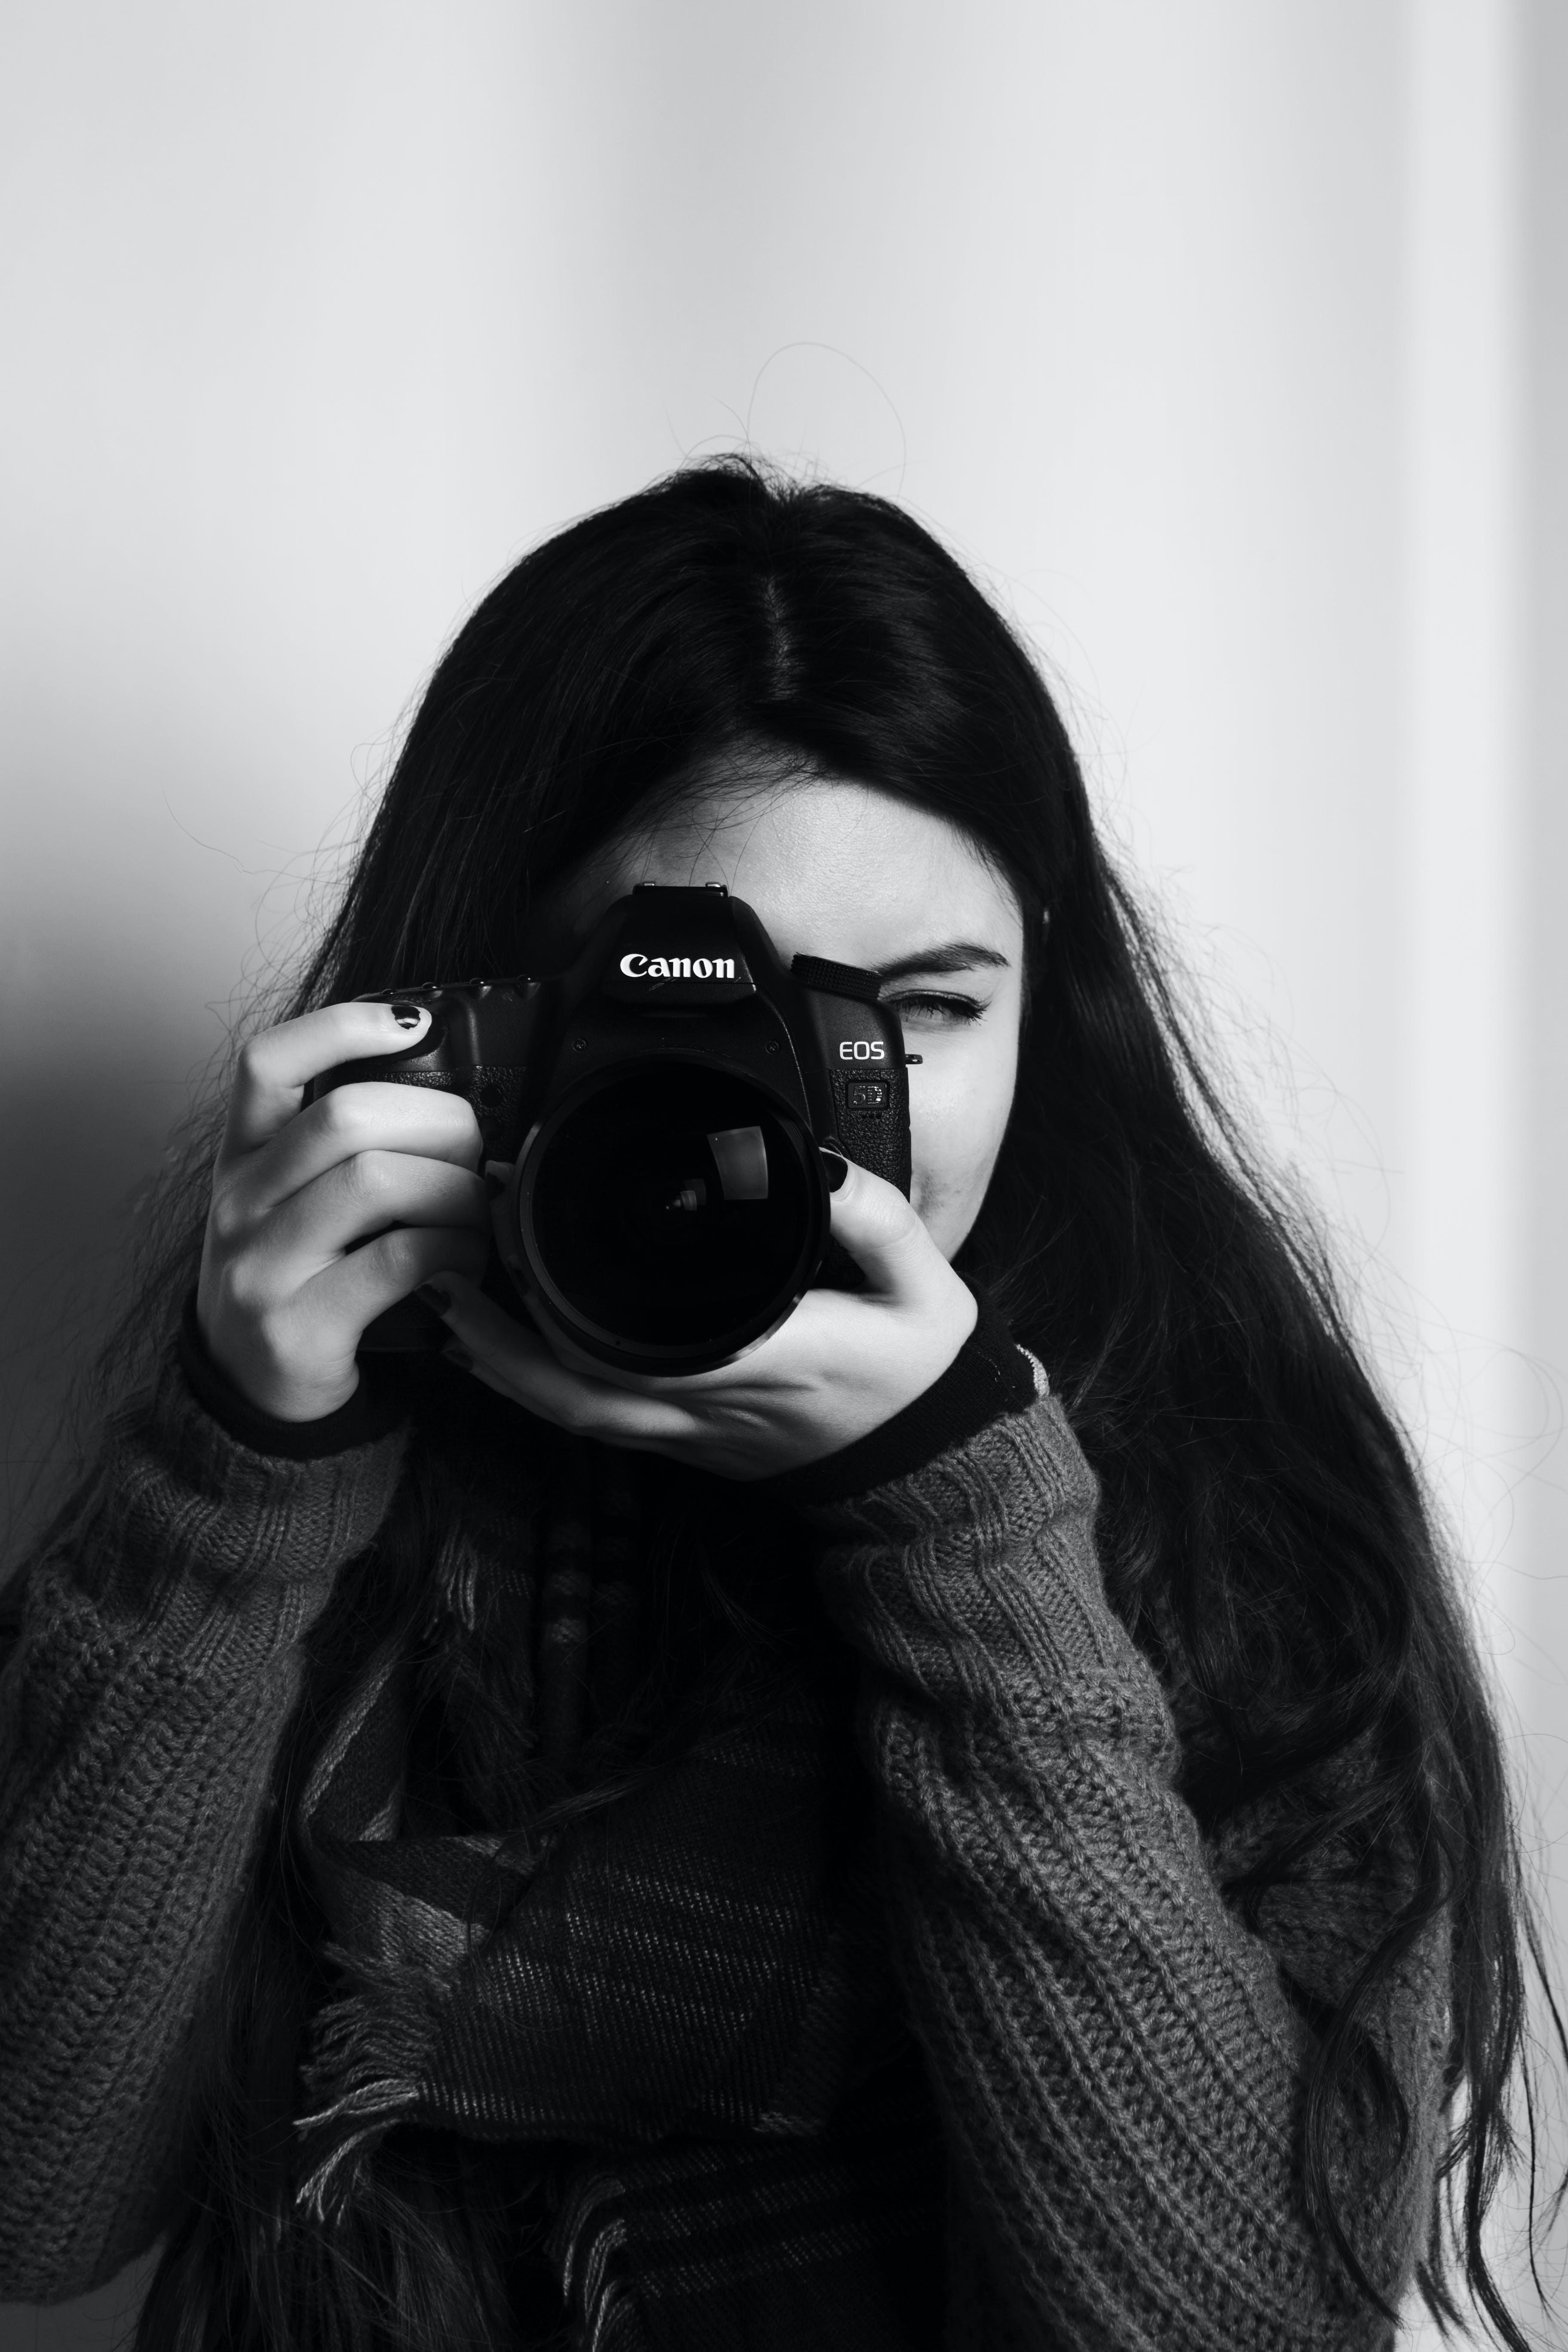 Gratis lagerfoto af Canon, dame, DSLR, fotograf